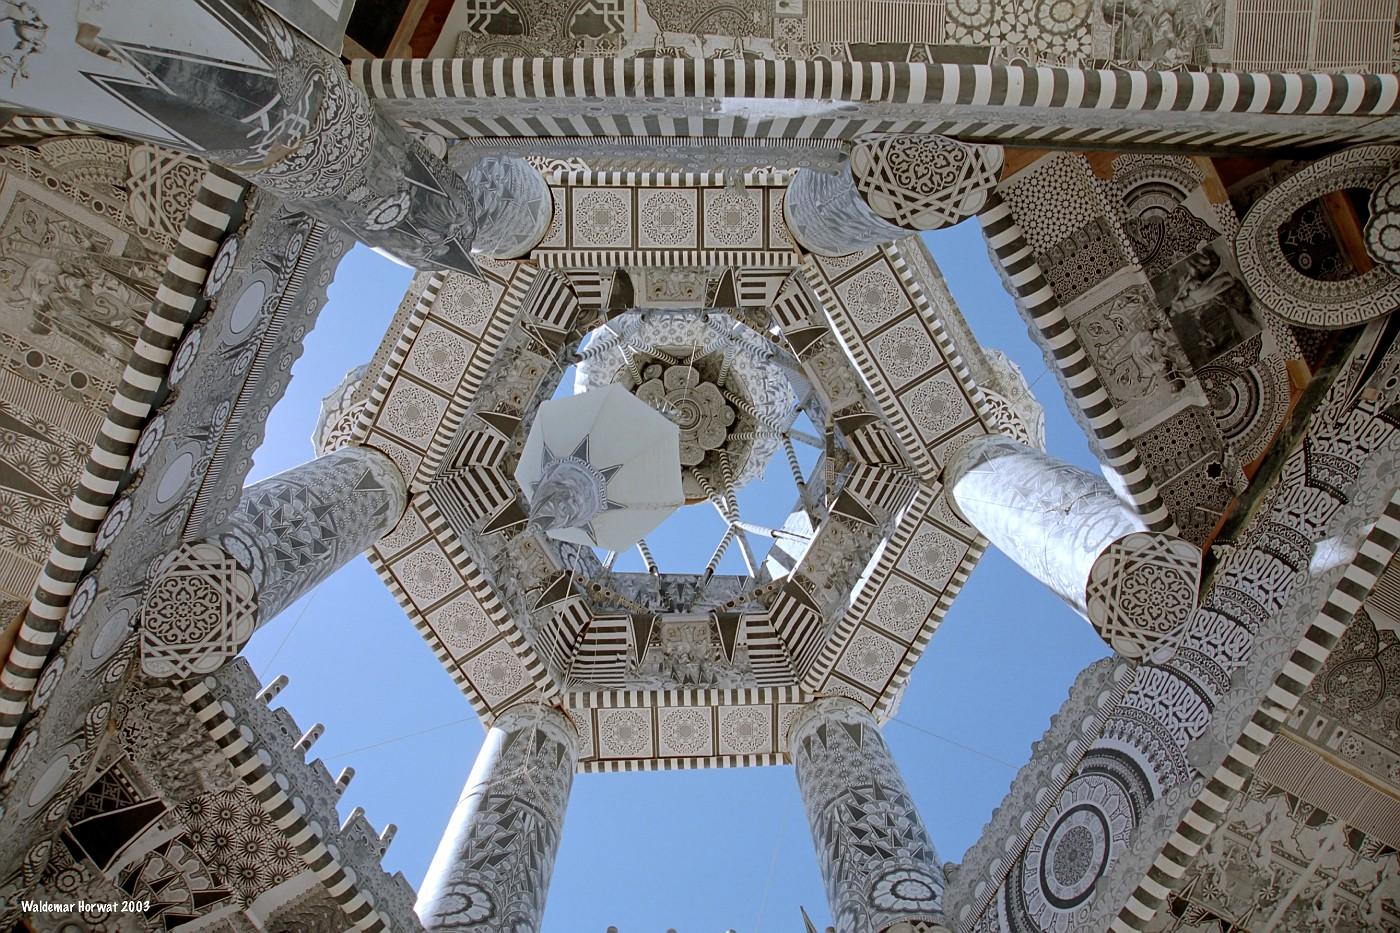 Temple Skylights